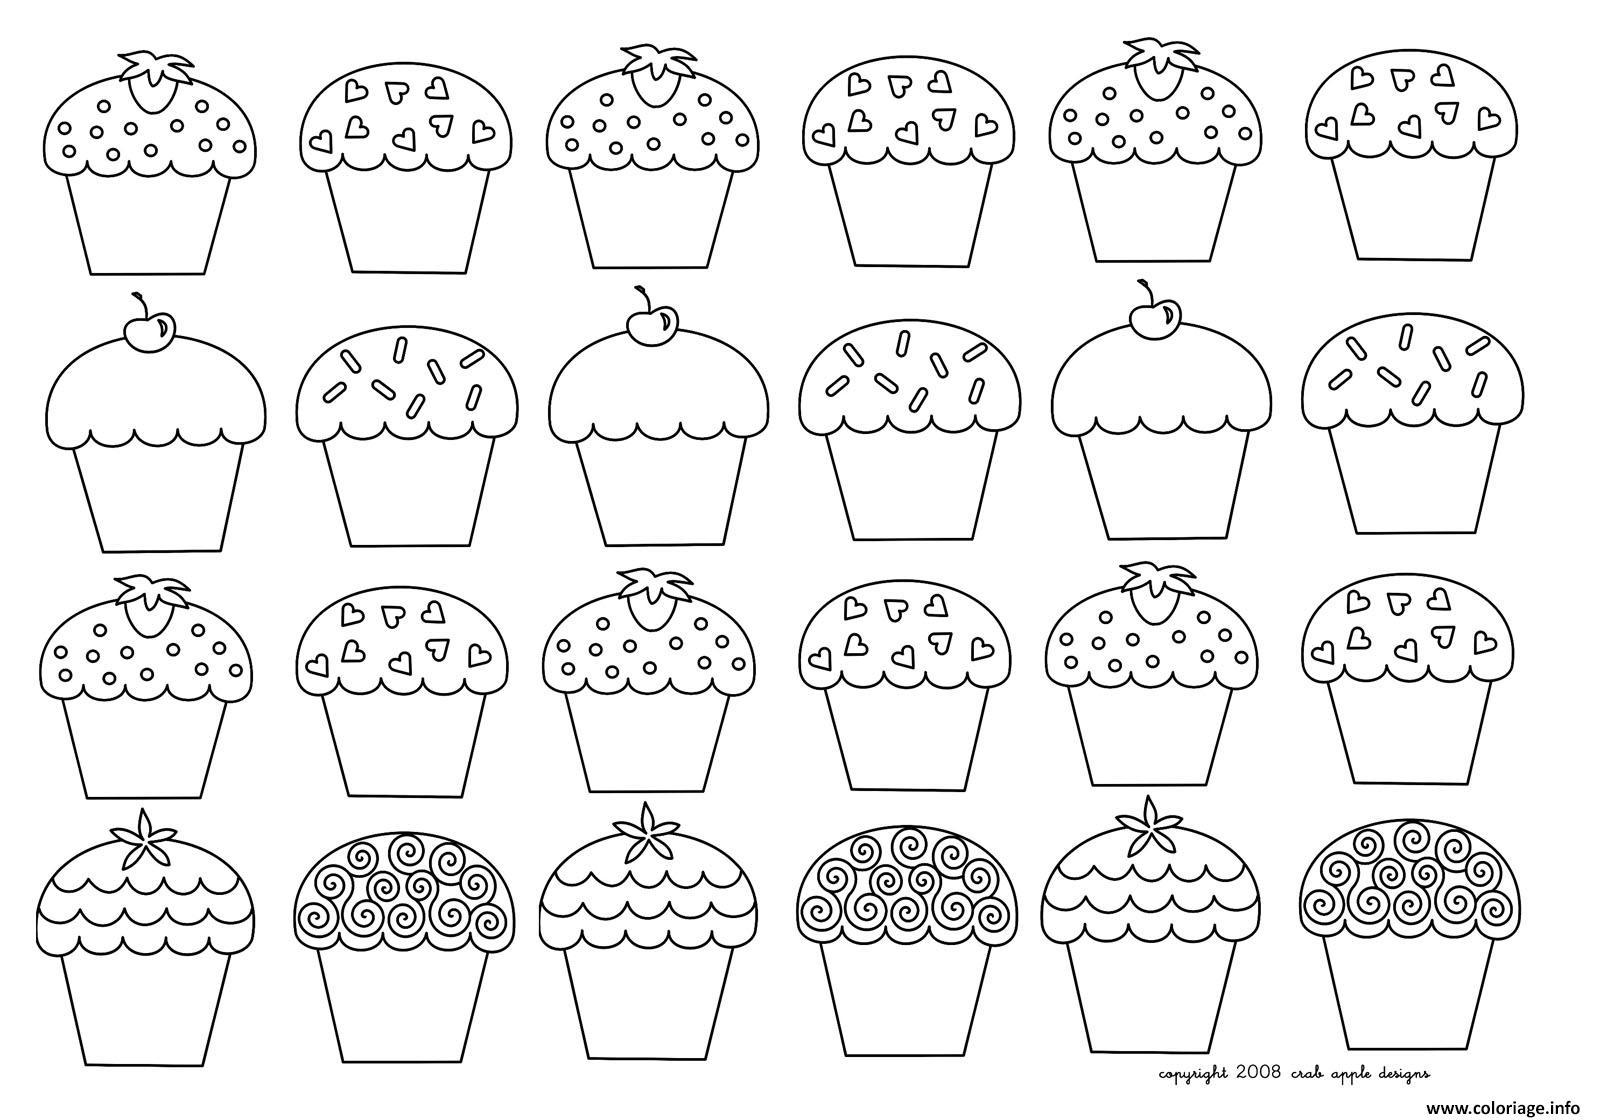 Coloriage mosaique cupcakes enfantins - Dessin mosaique a imprimer ...